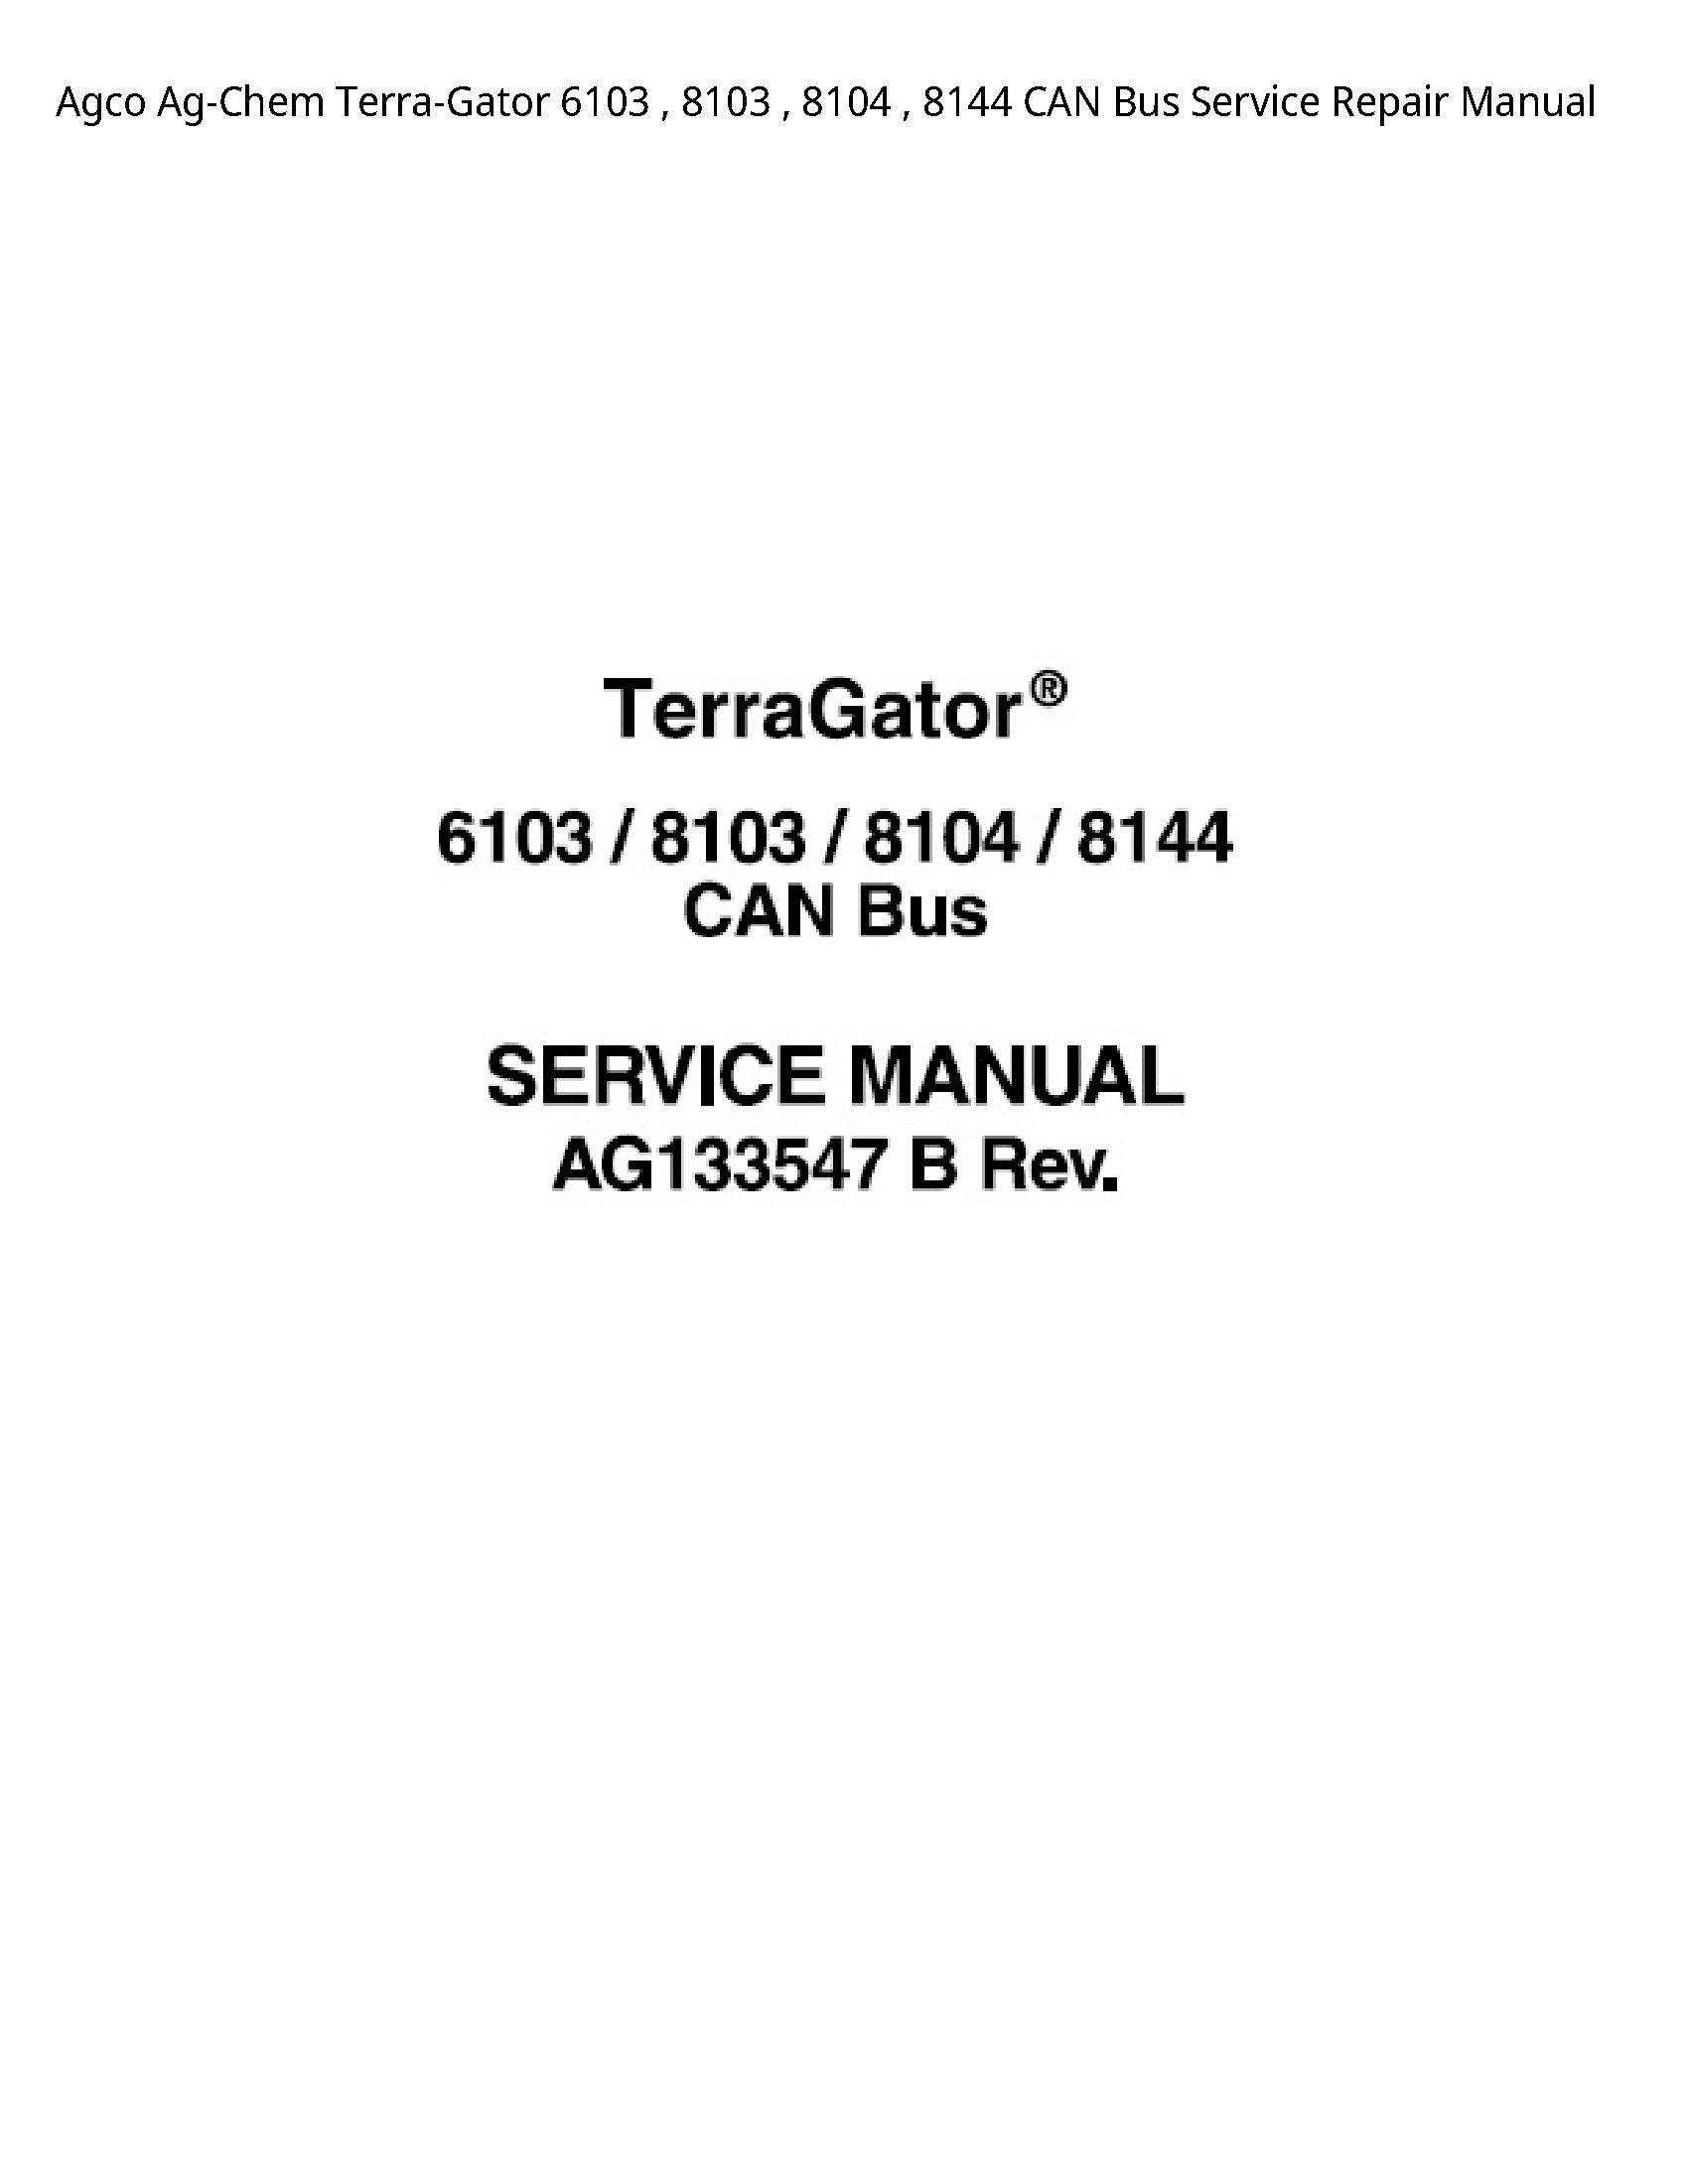 AGCO 6103 Ag-Chem Terra-Gator CAN Bus manual